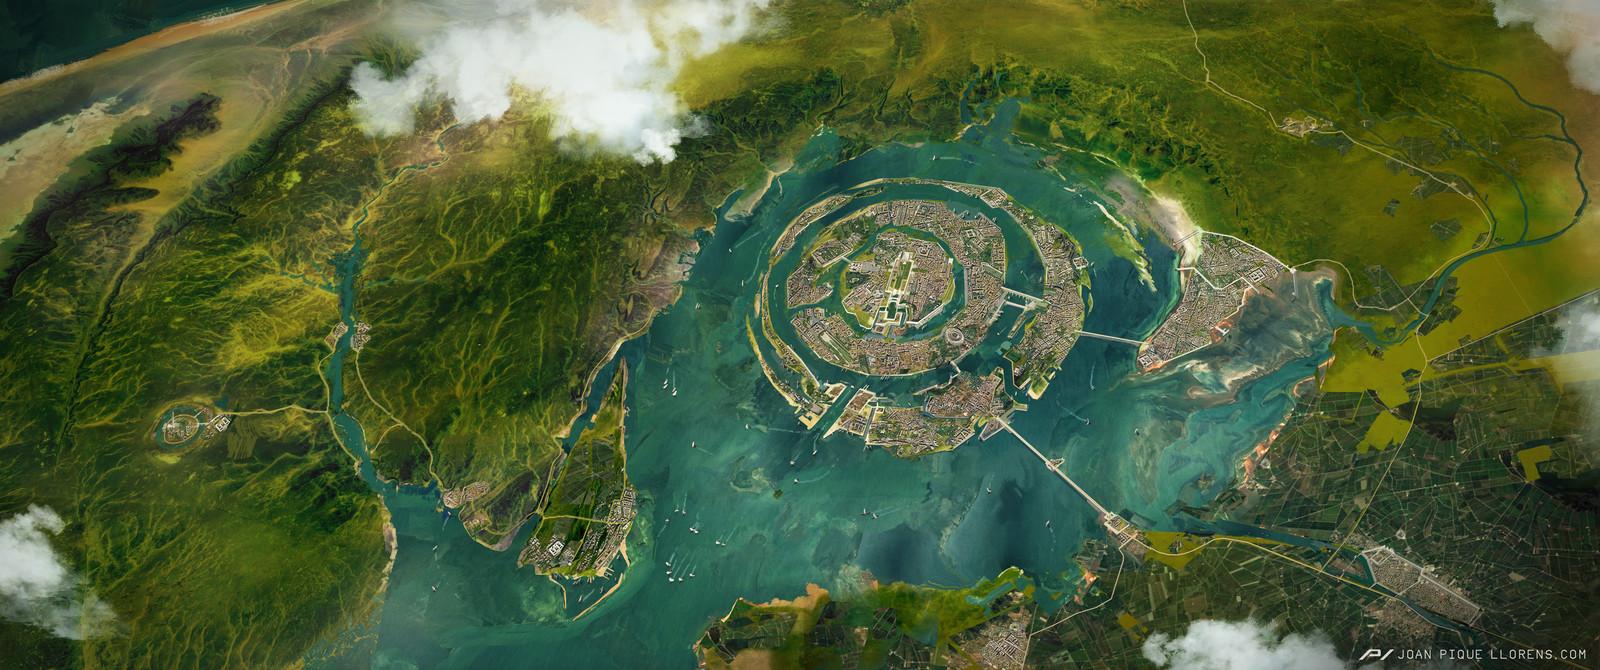 Atlantis - Richat Structure